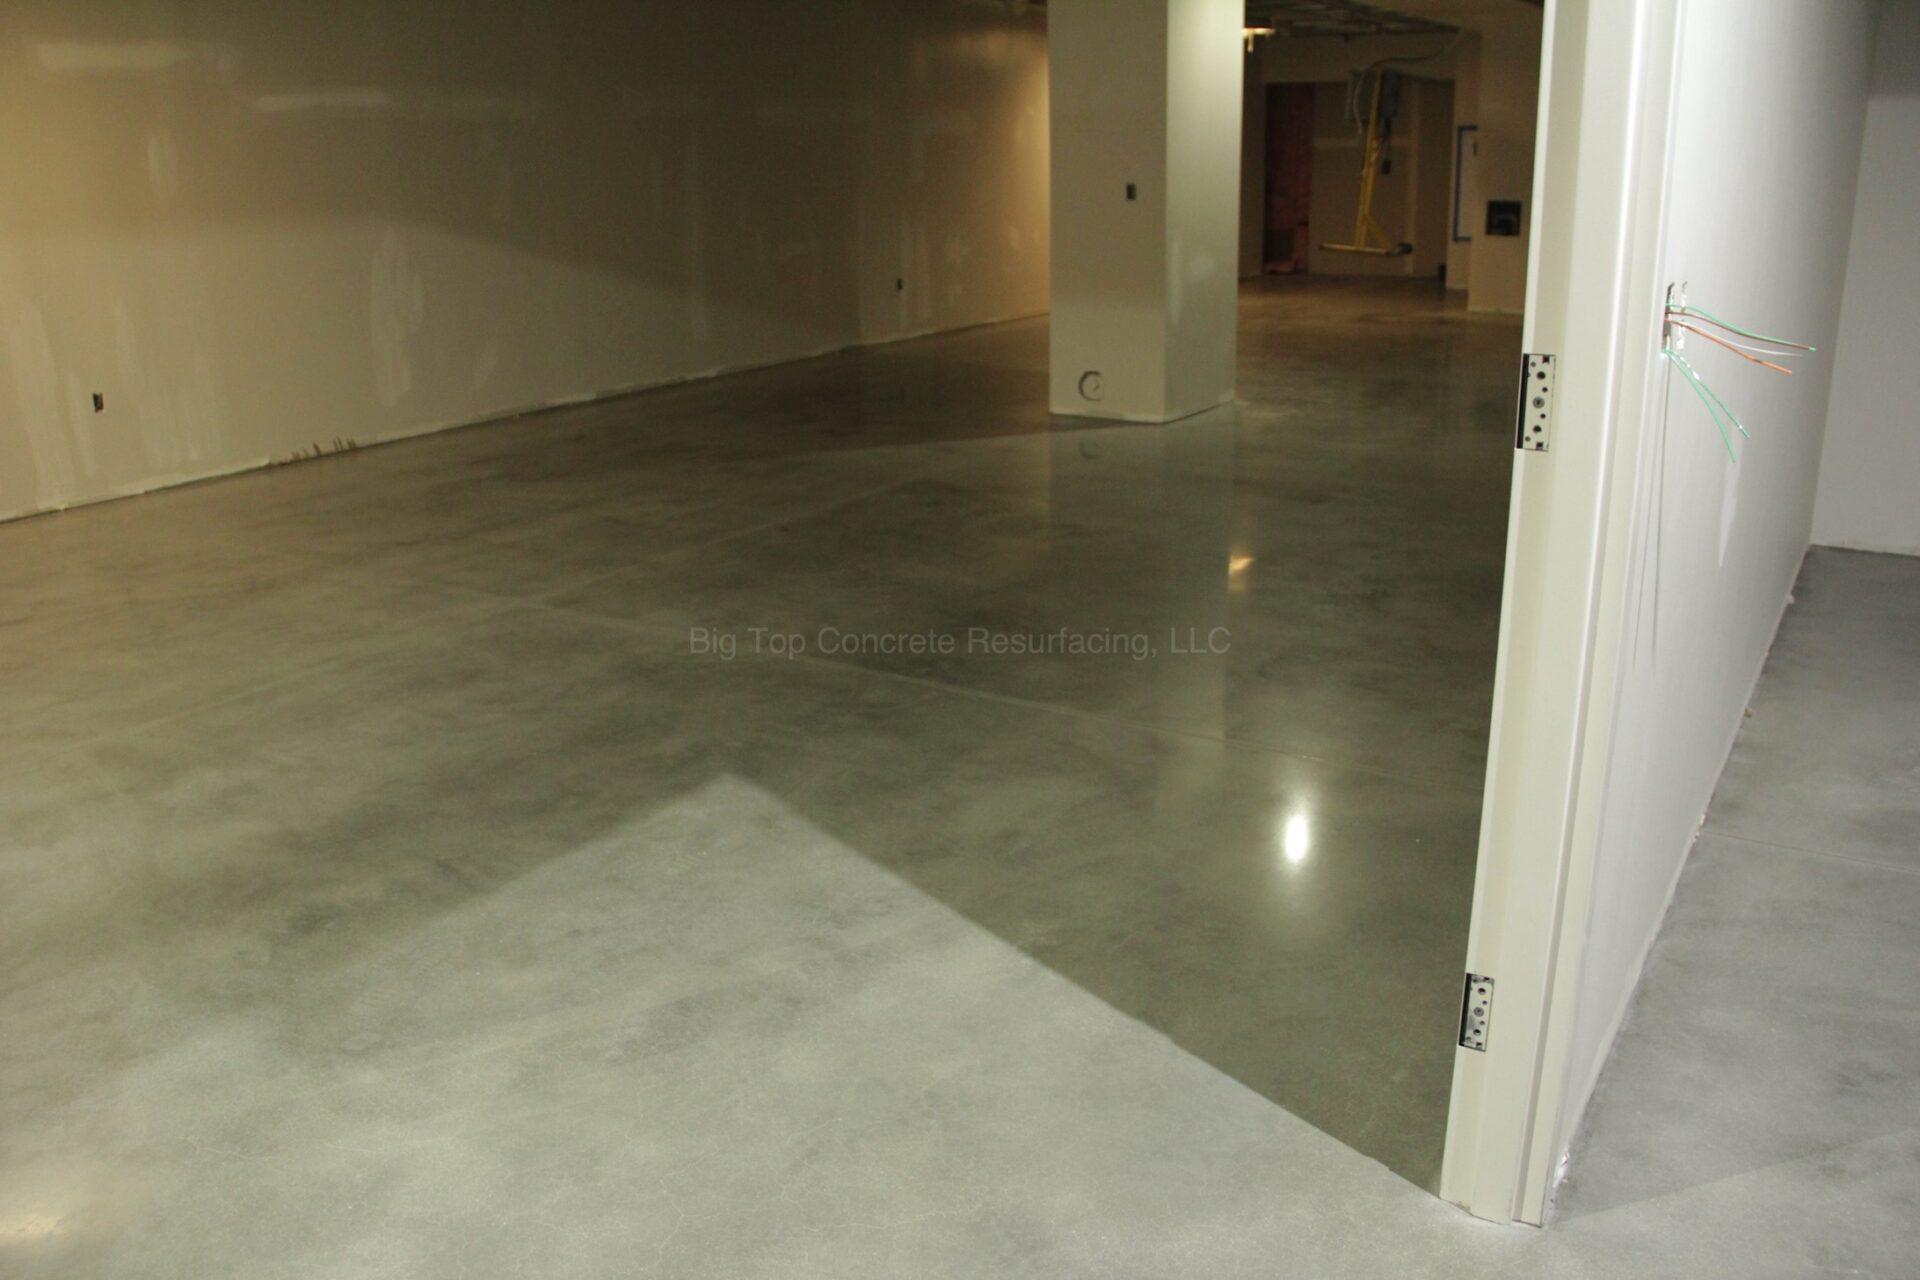 Concrete Polishing Contractor Florida